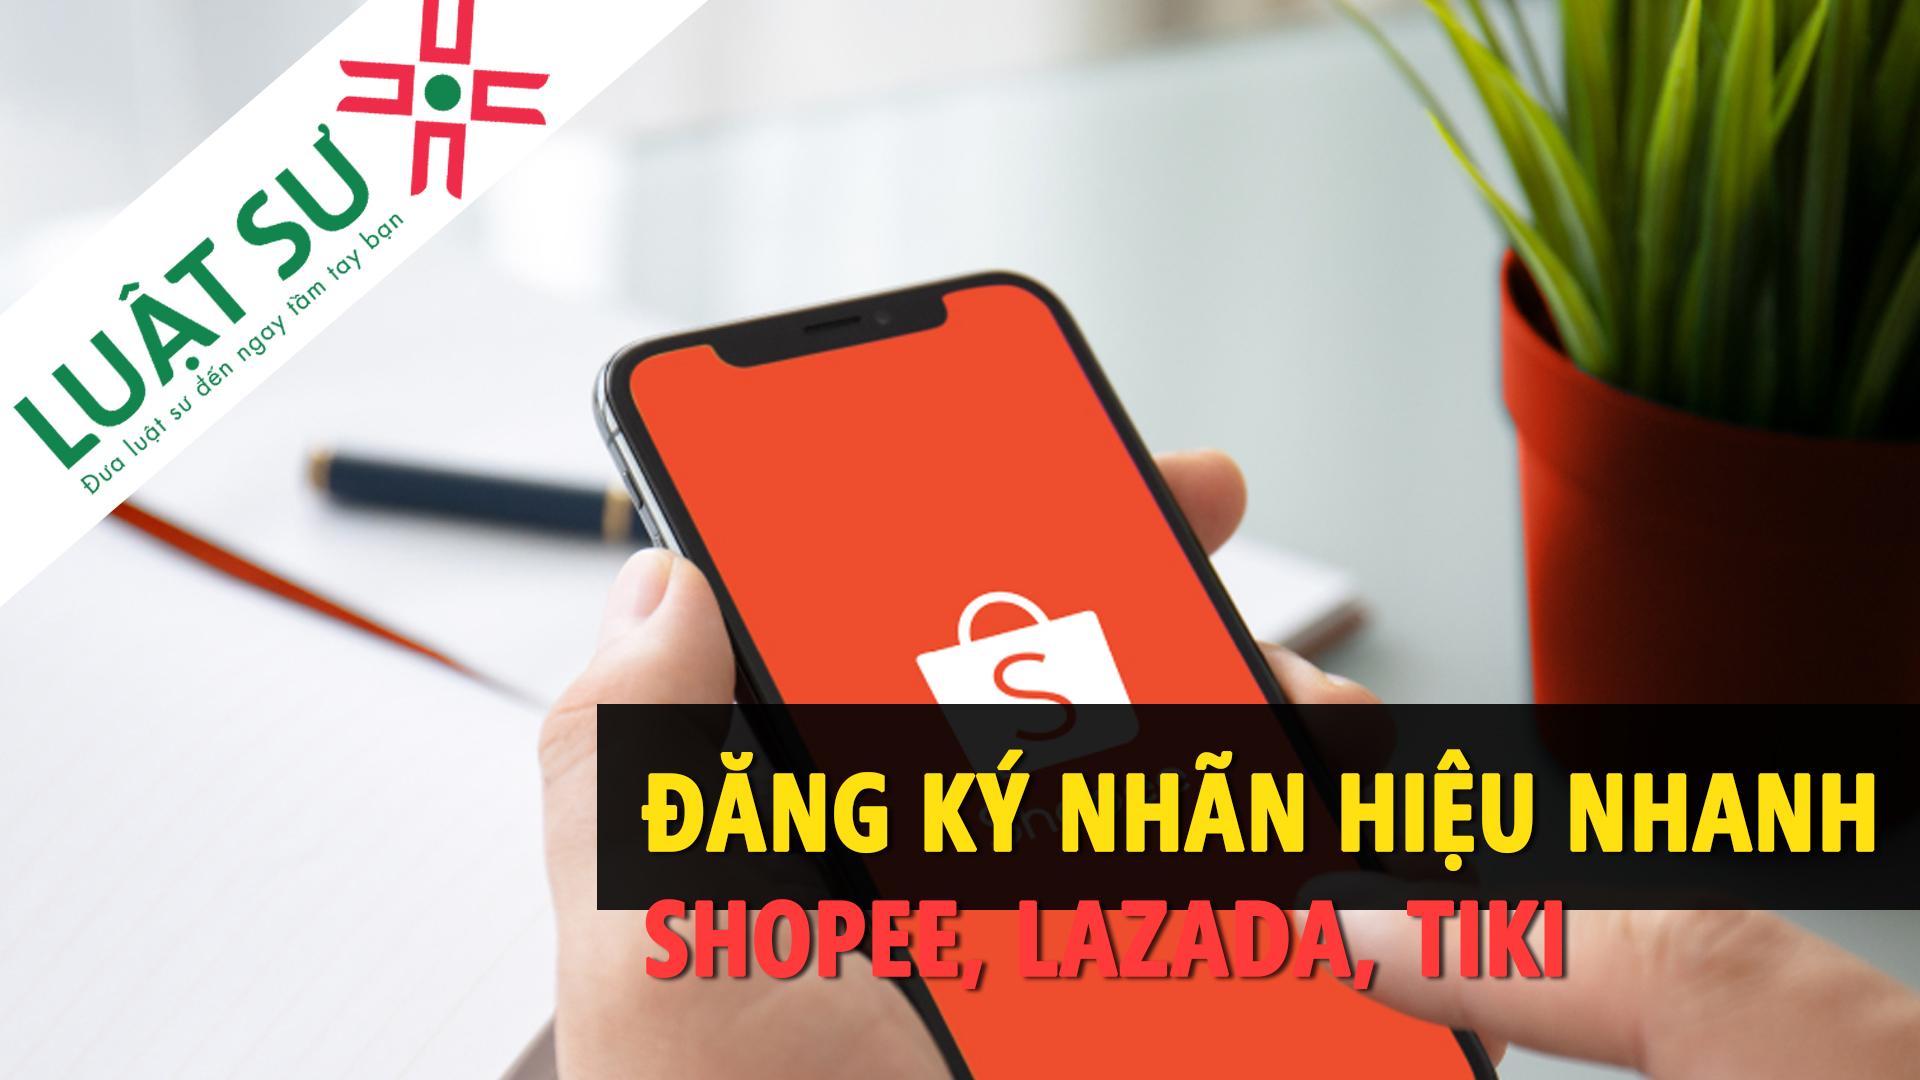 Dịch vụ chấp nhận đơn đăng ký nhãn hiệu nhanh Shopee Mall